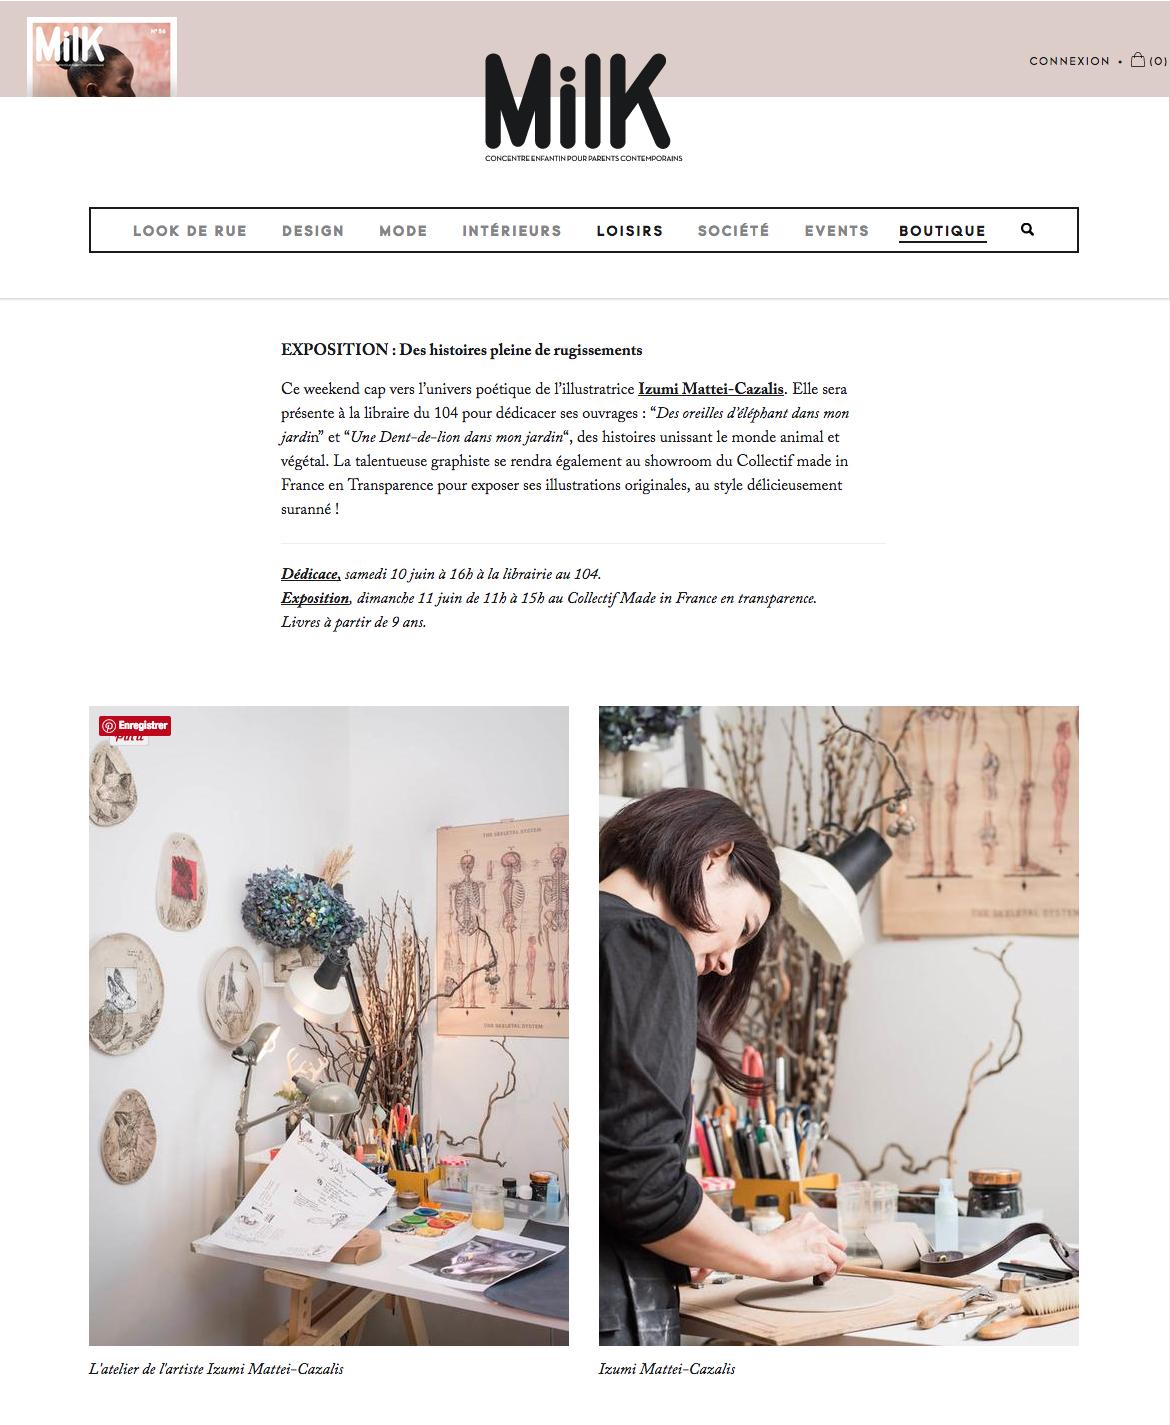 milk_newsletter_izumi.jpg